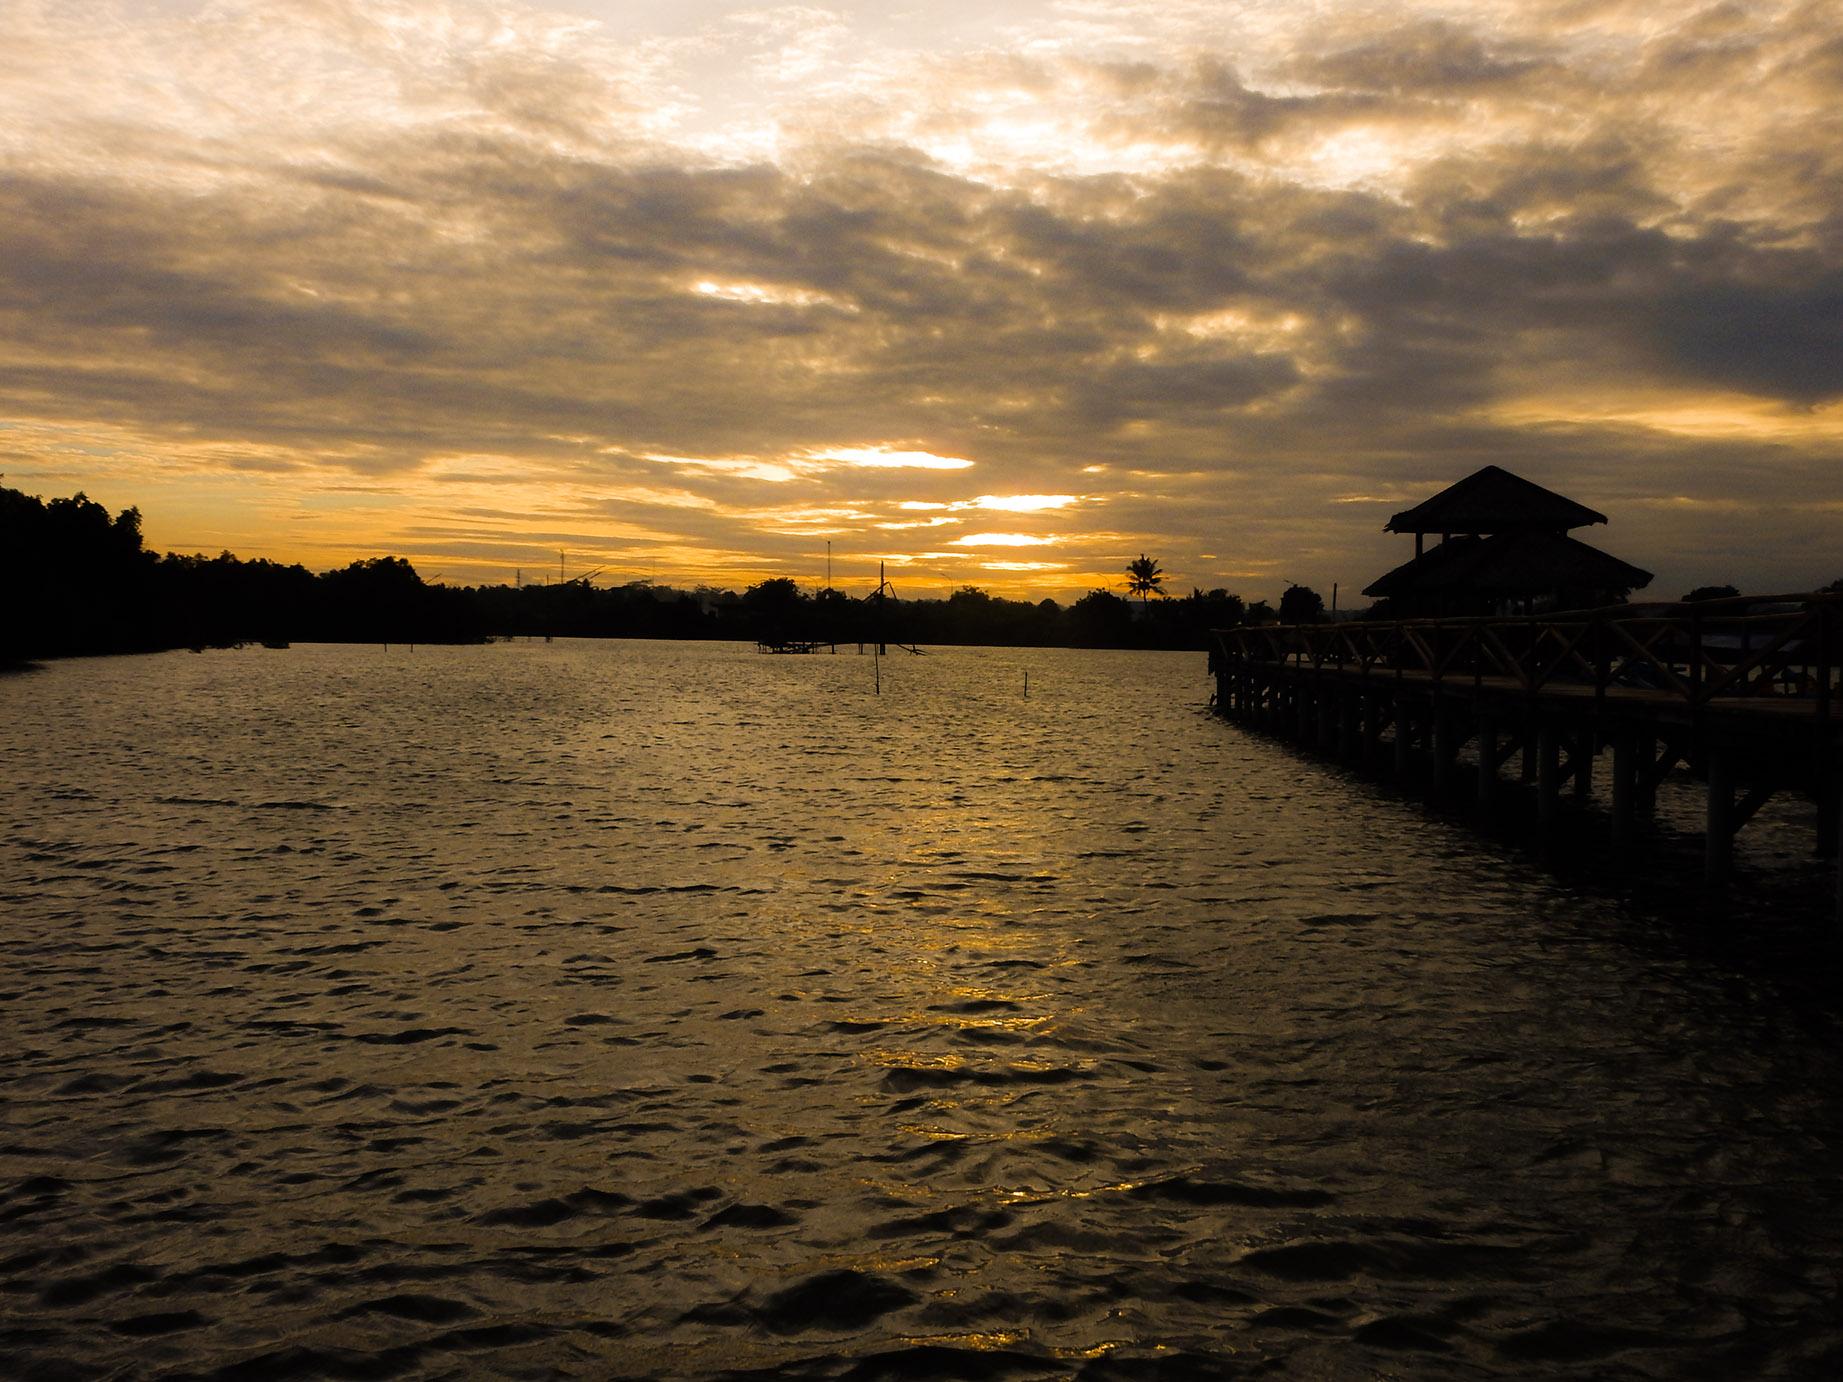 menunggu sunset di jembatan mangrove, batukaras